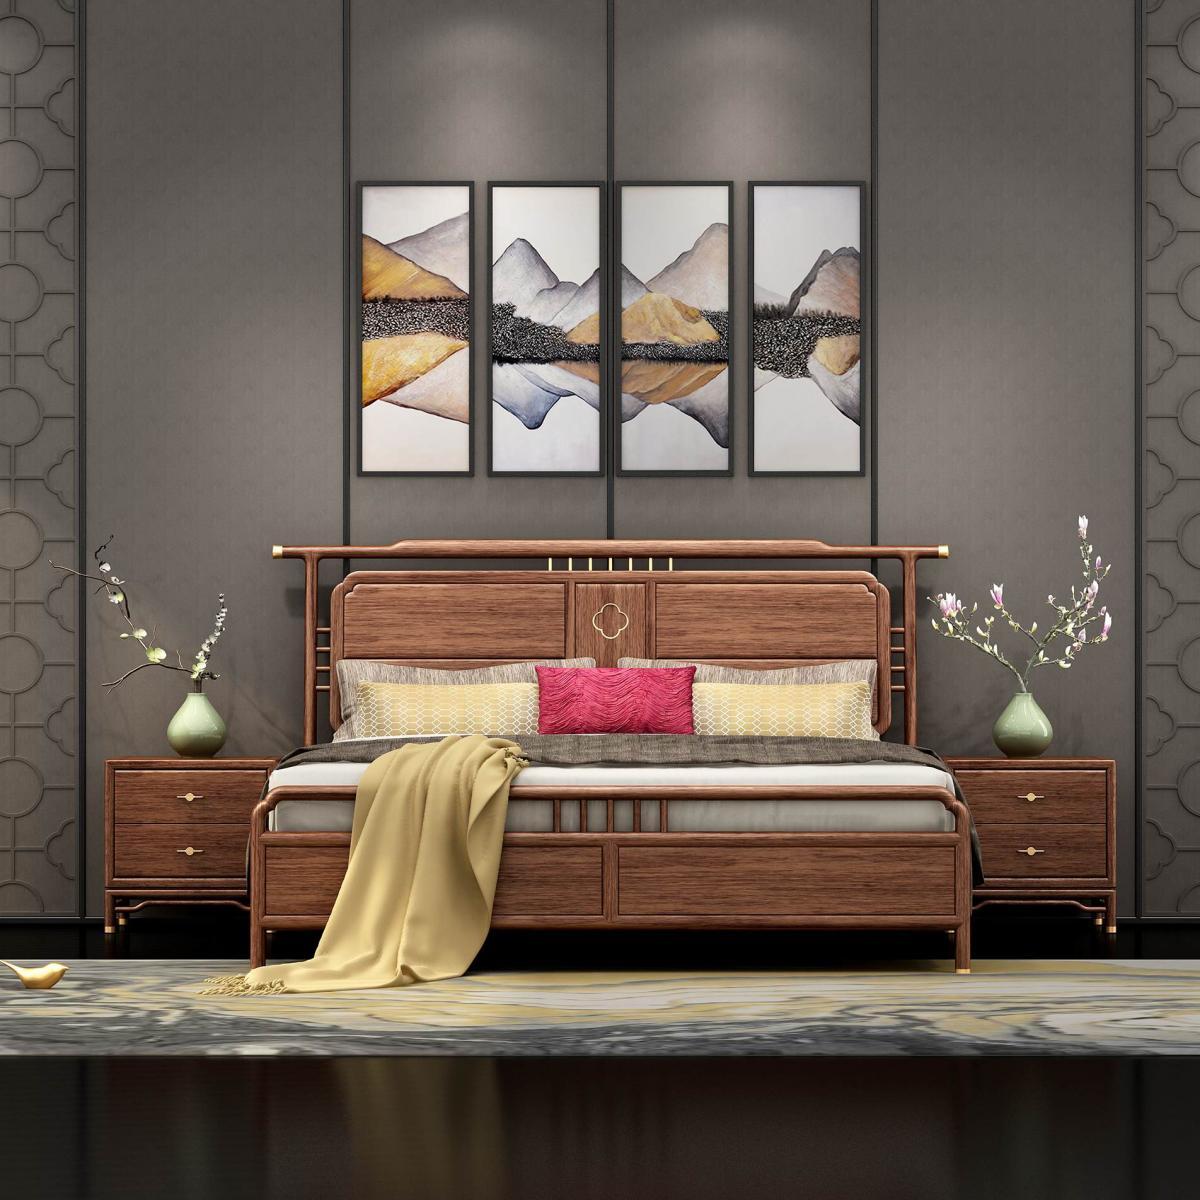 红木床实木床新中式床中式床红木新中式床中式床